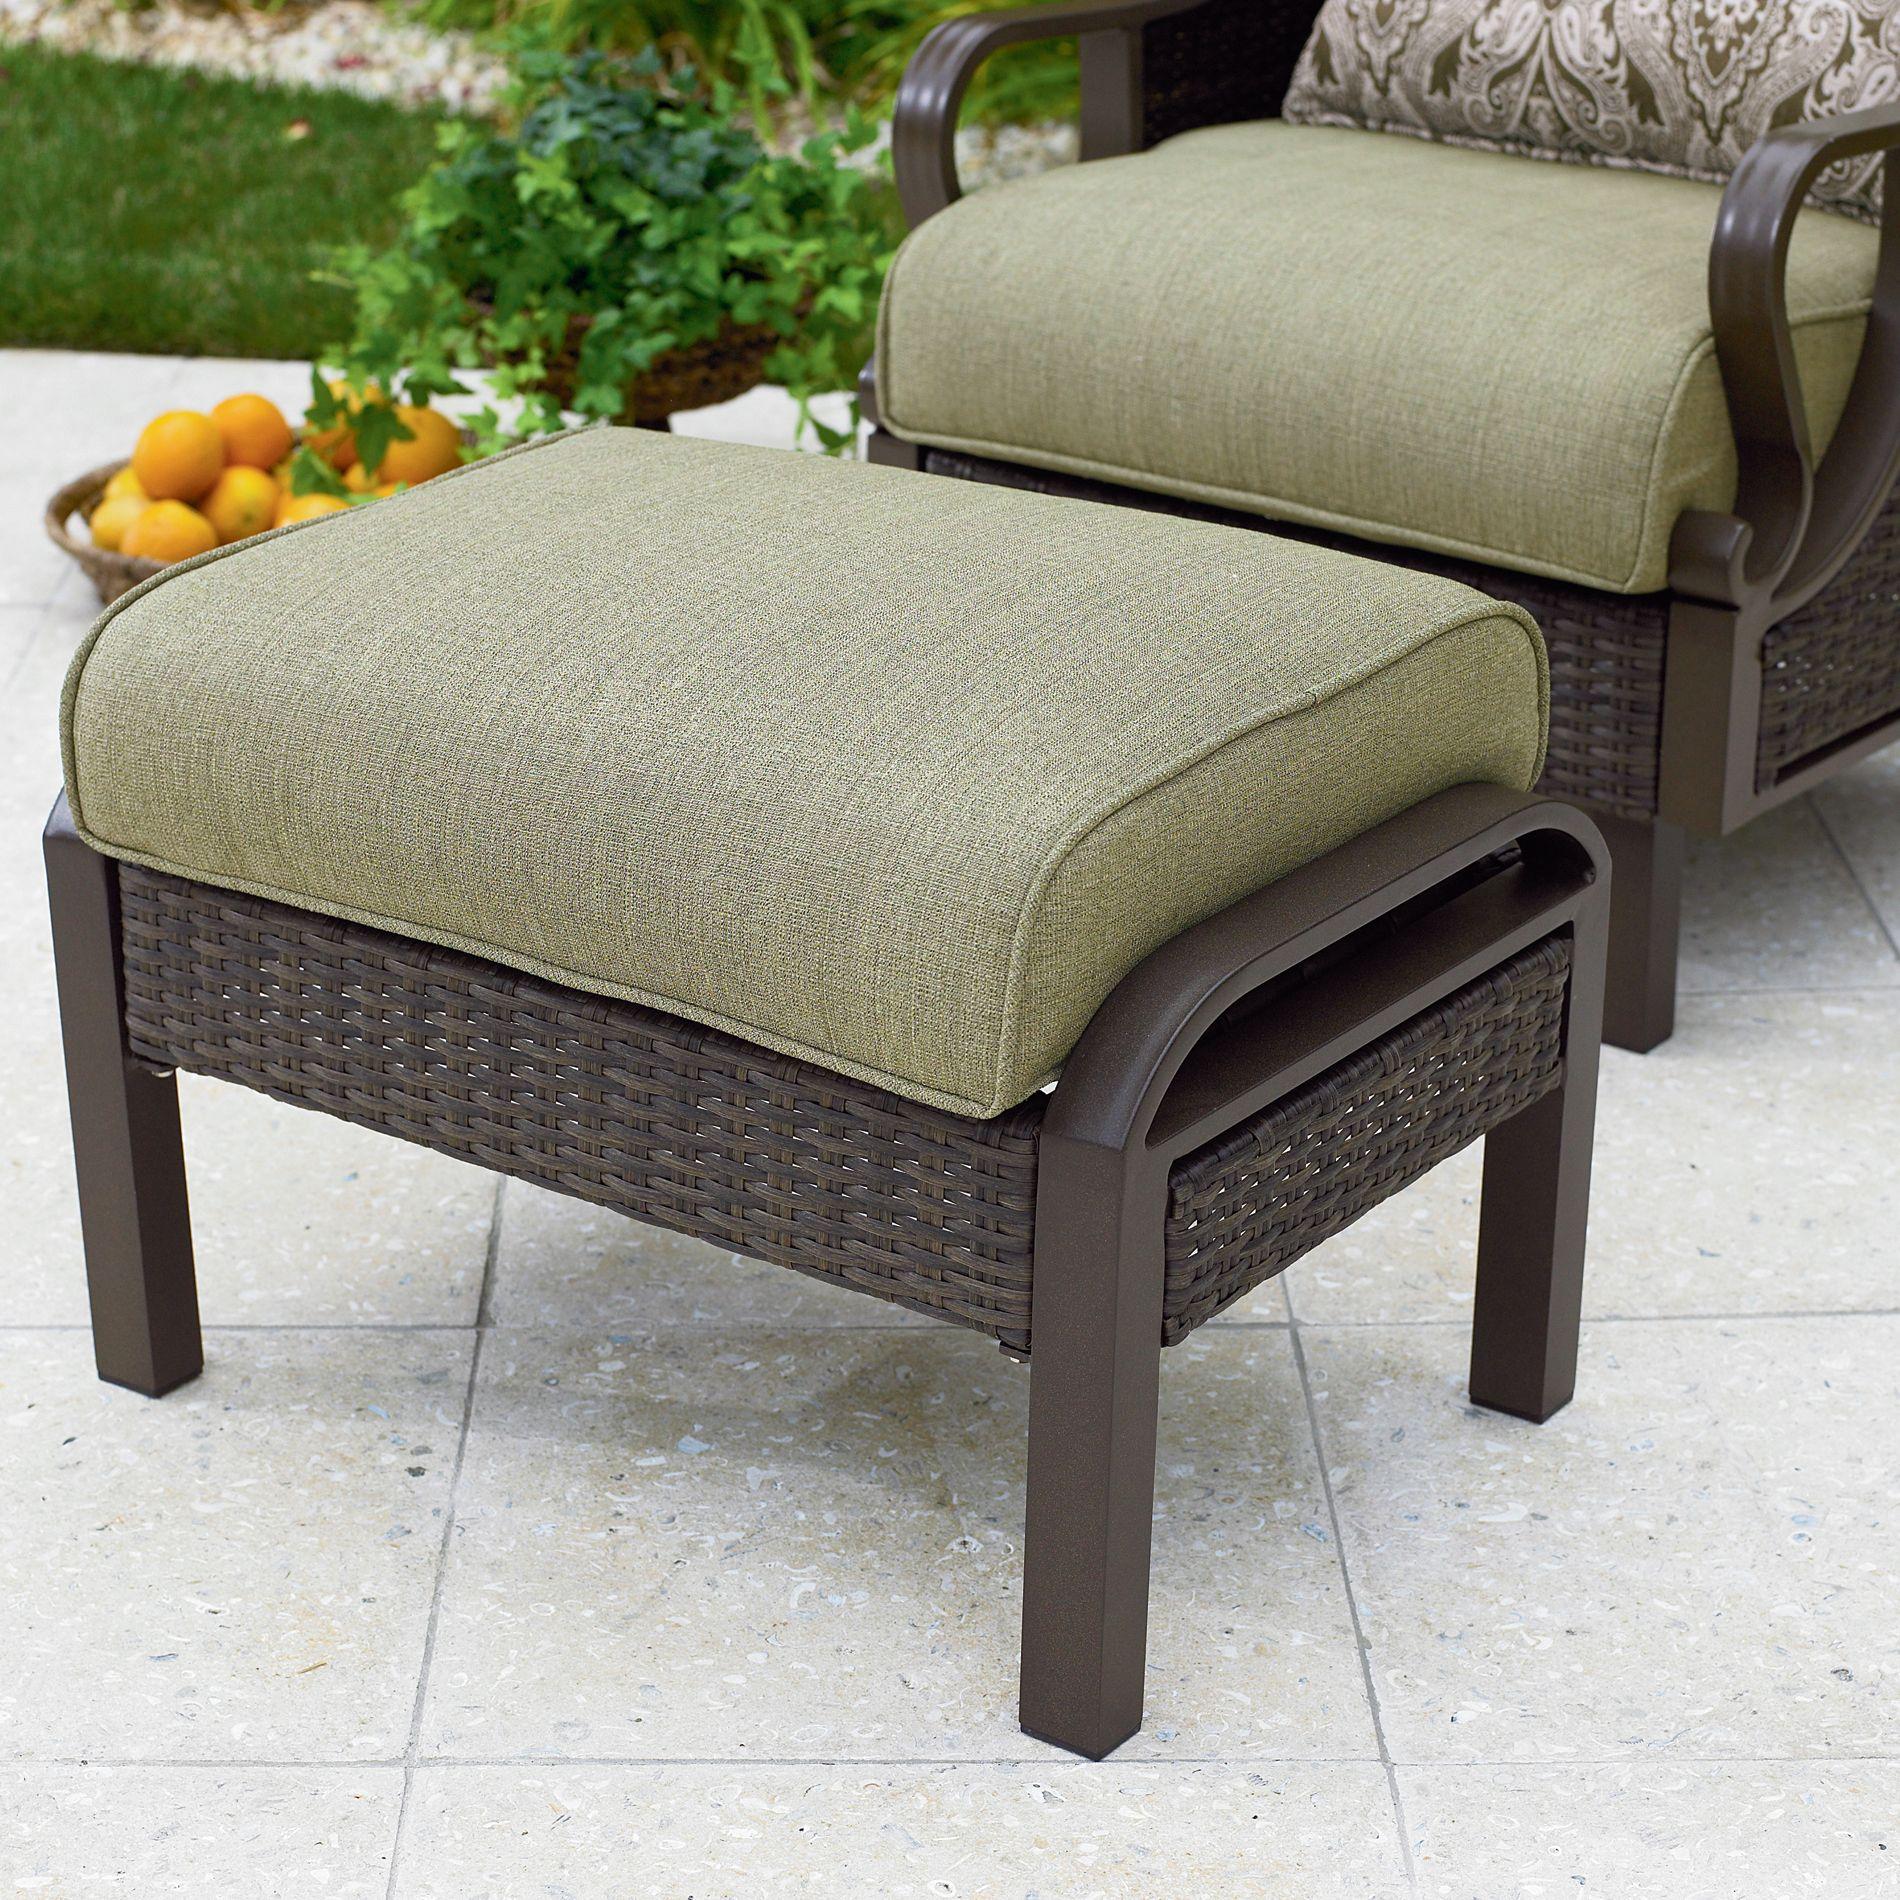 resin wicker chair with ottoman adirondack covers home depot la z boy peyton 2 pk sears